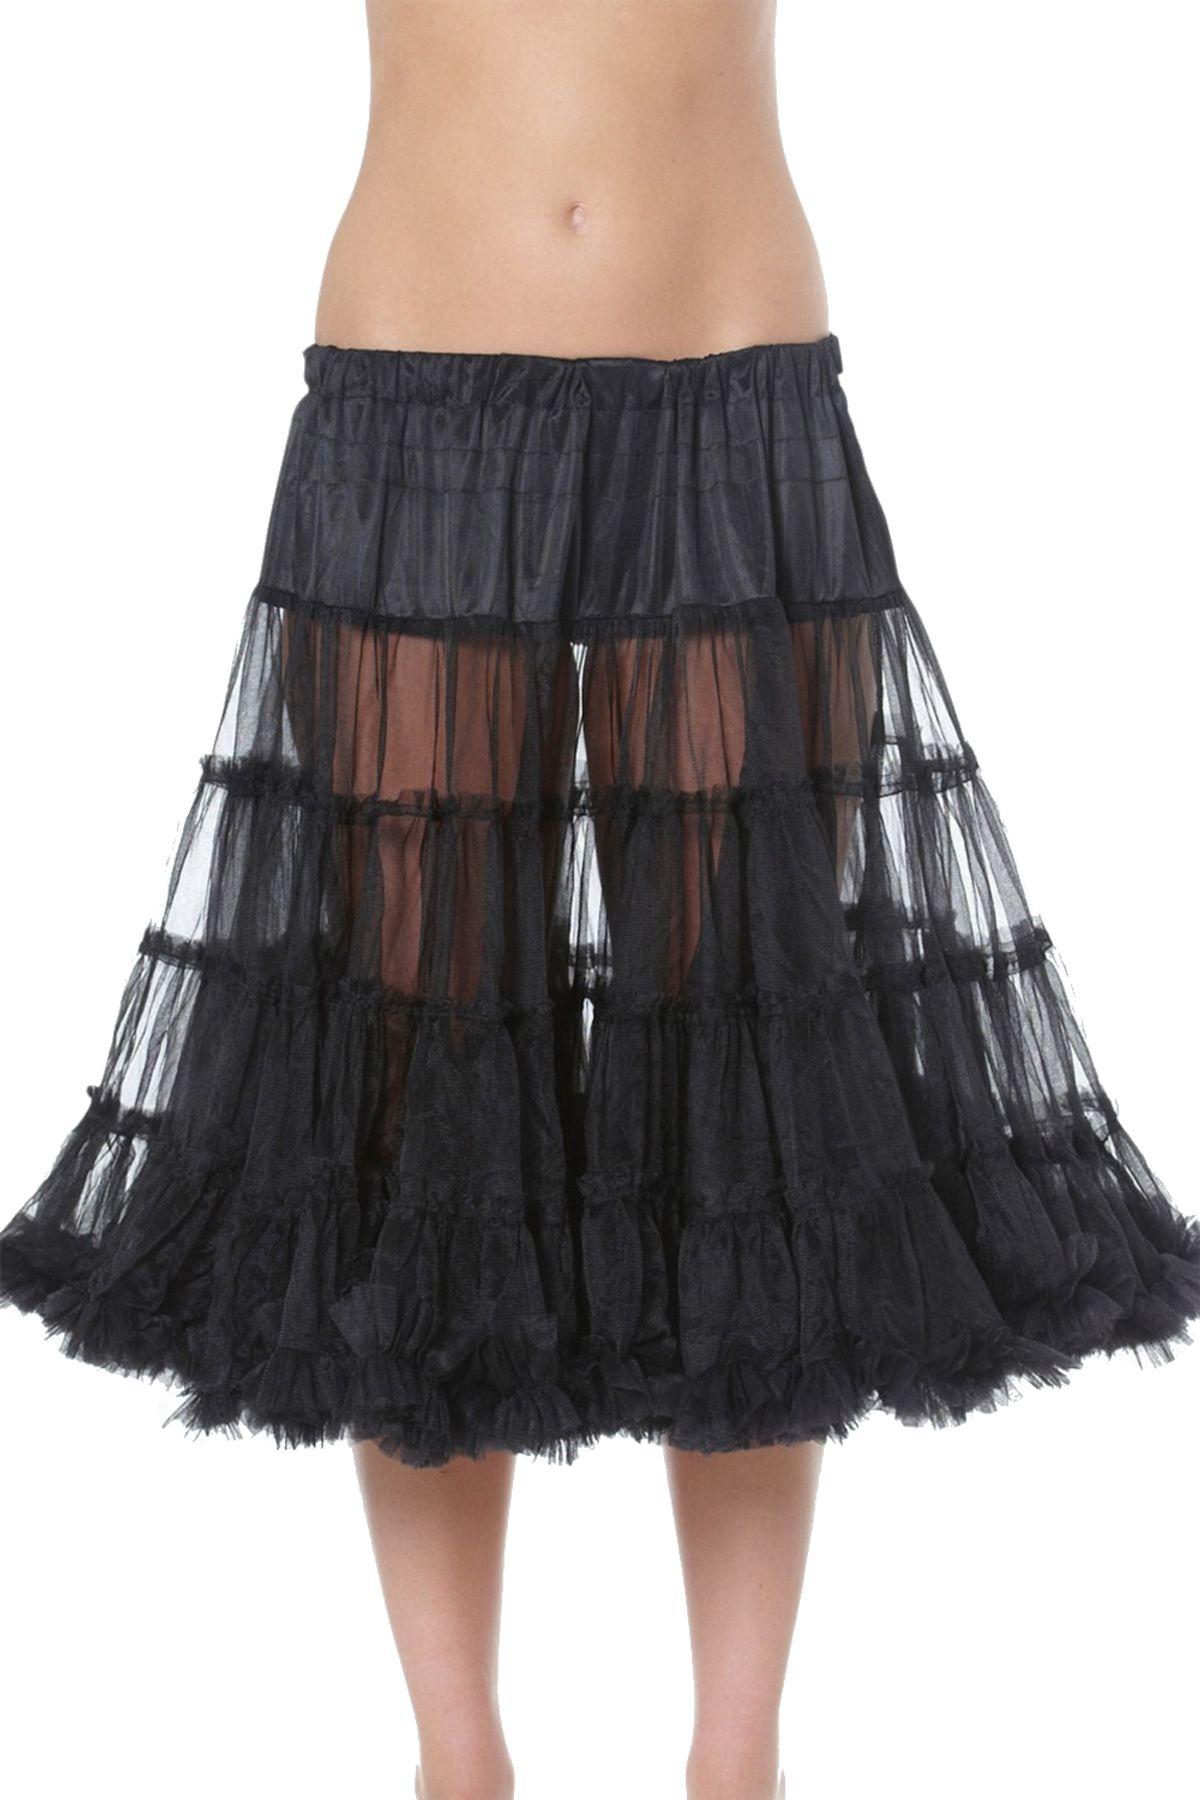 Krüger - Damen Petticoat, 80 cm Länge, Taillenweit ist frei regulierbar von Gr. 32 bis 46 in Schwarz , Black 80 (Artikelnummer: 480-4) – Bild 2